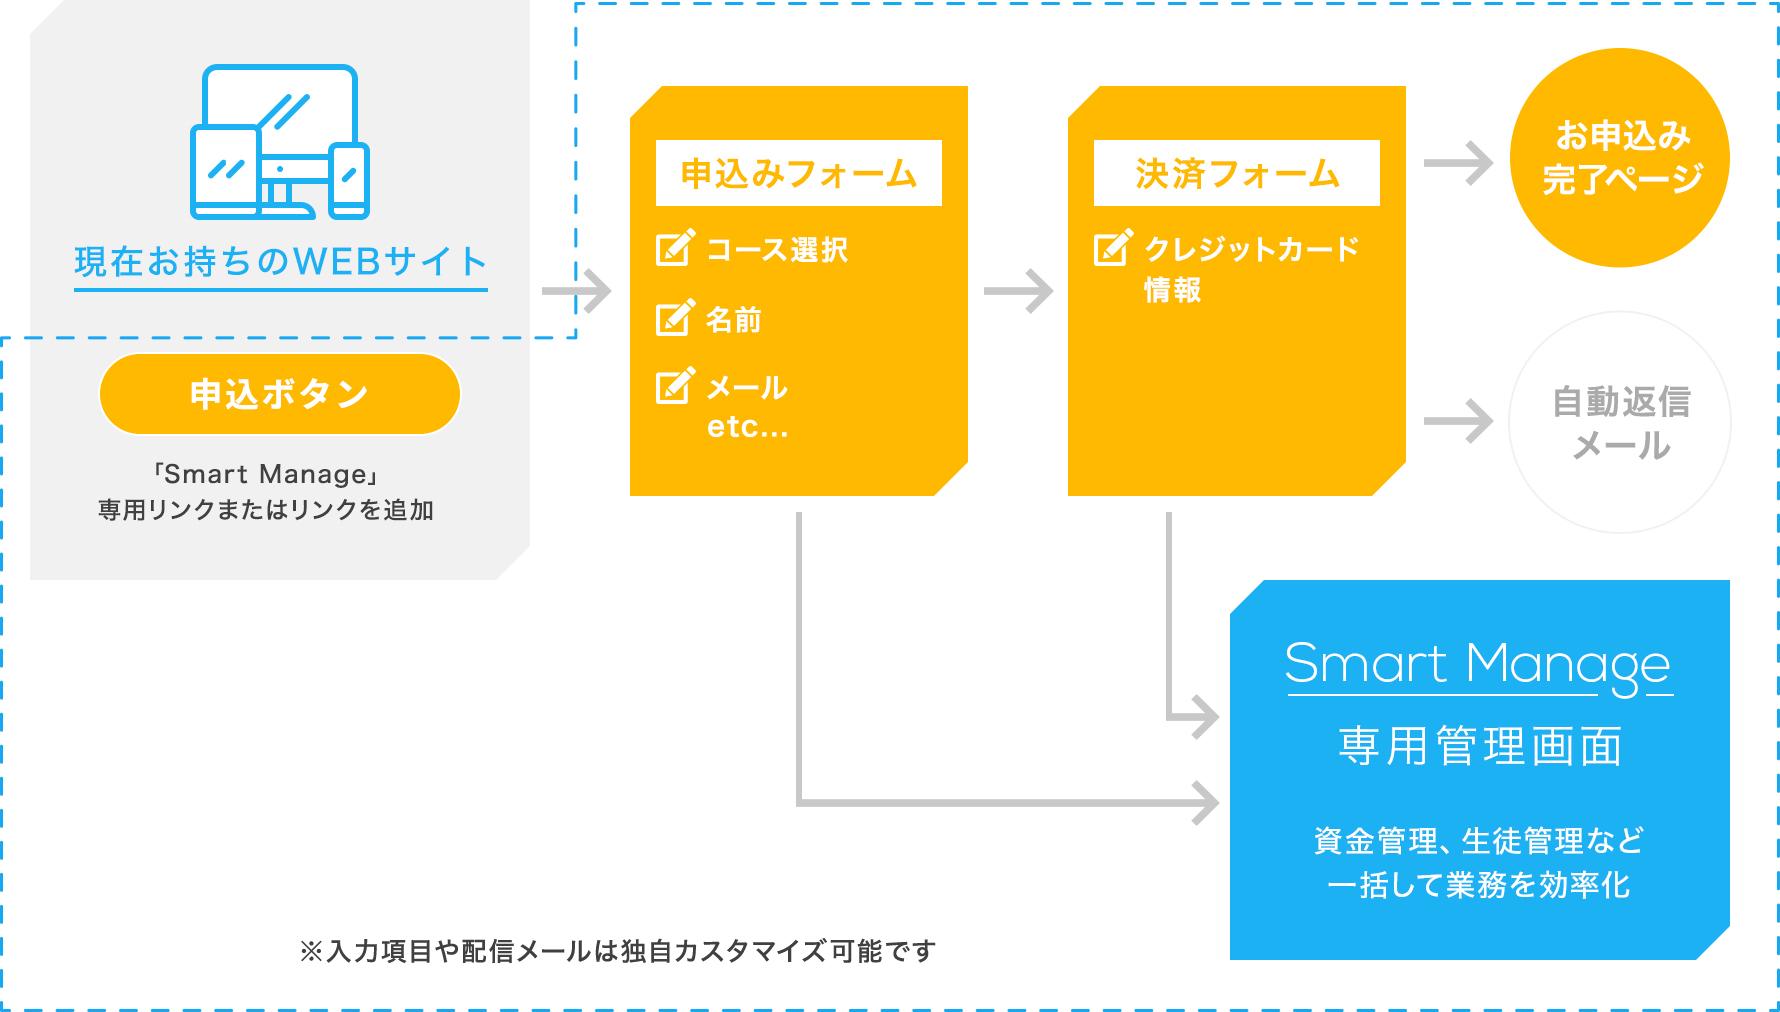 導入方法マップ